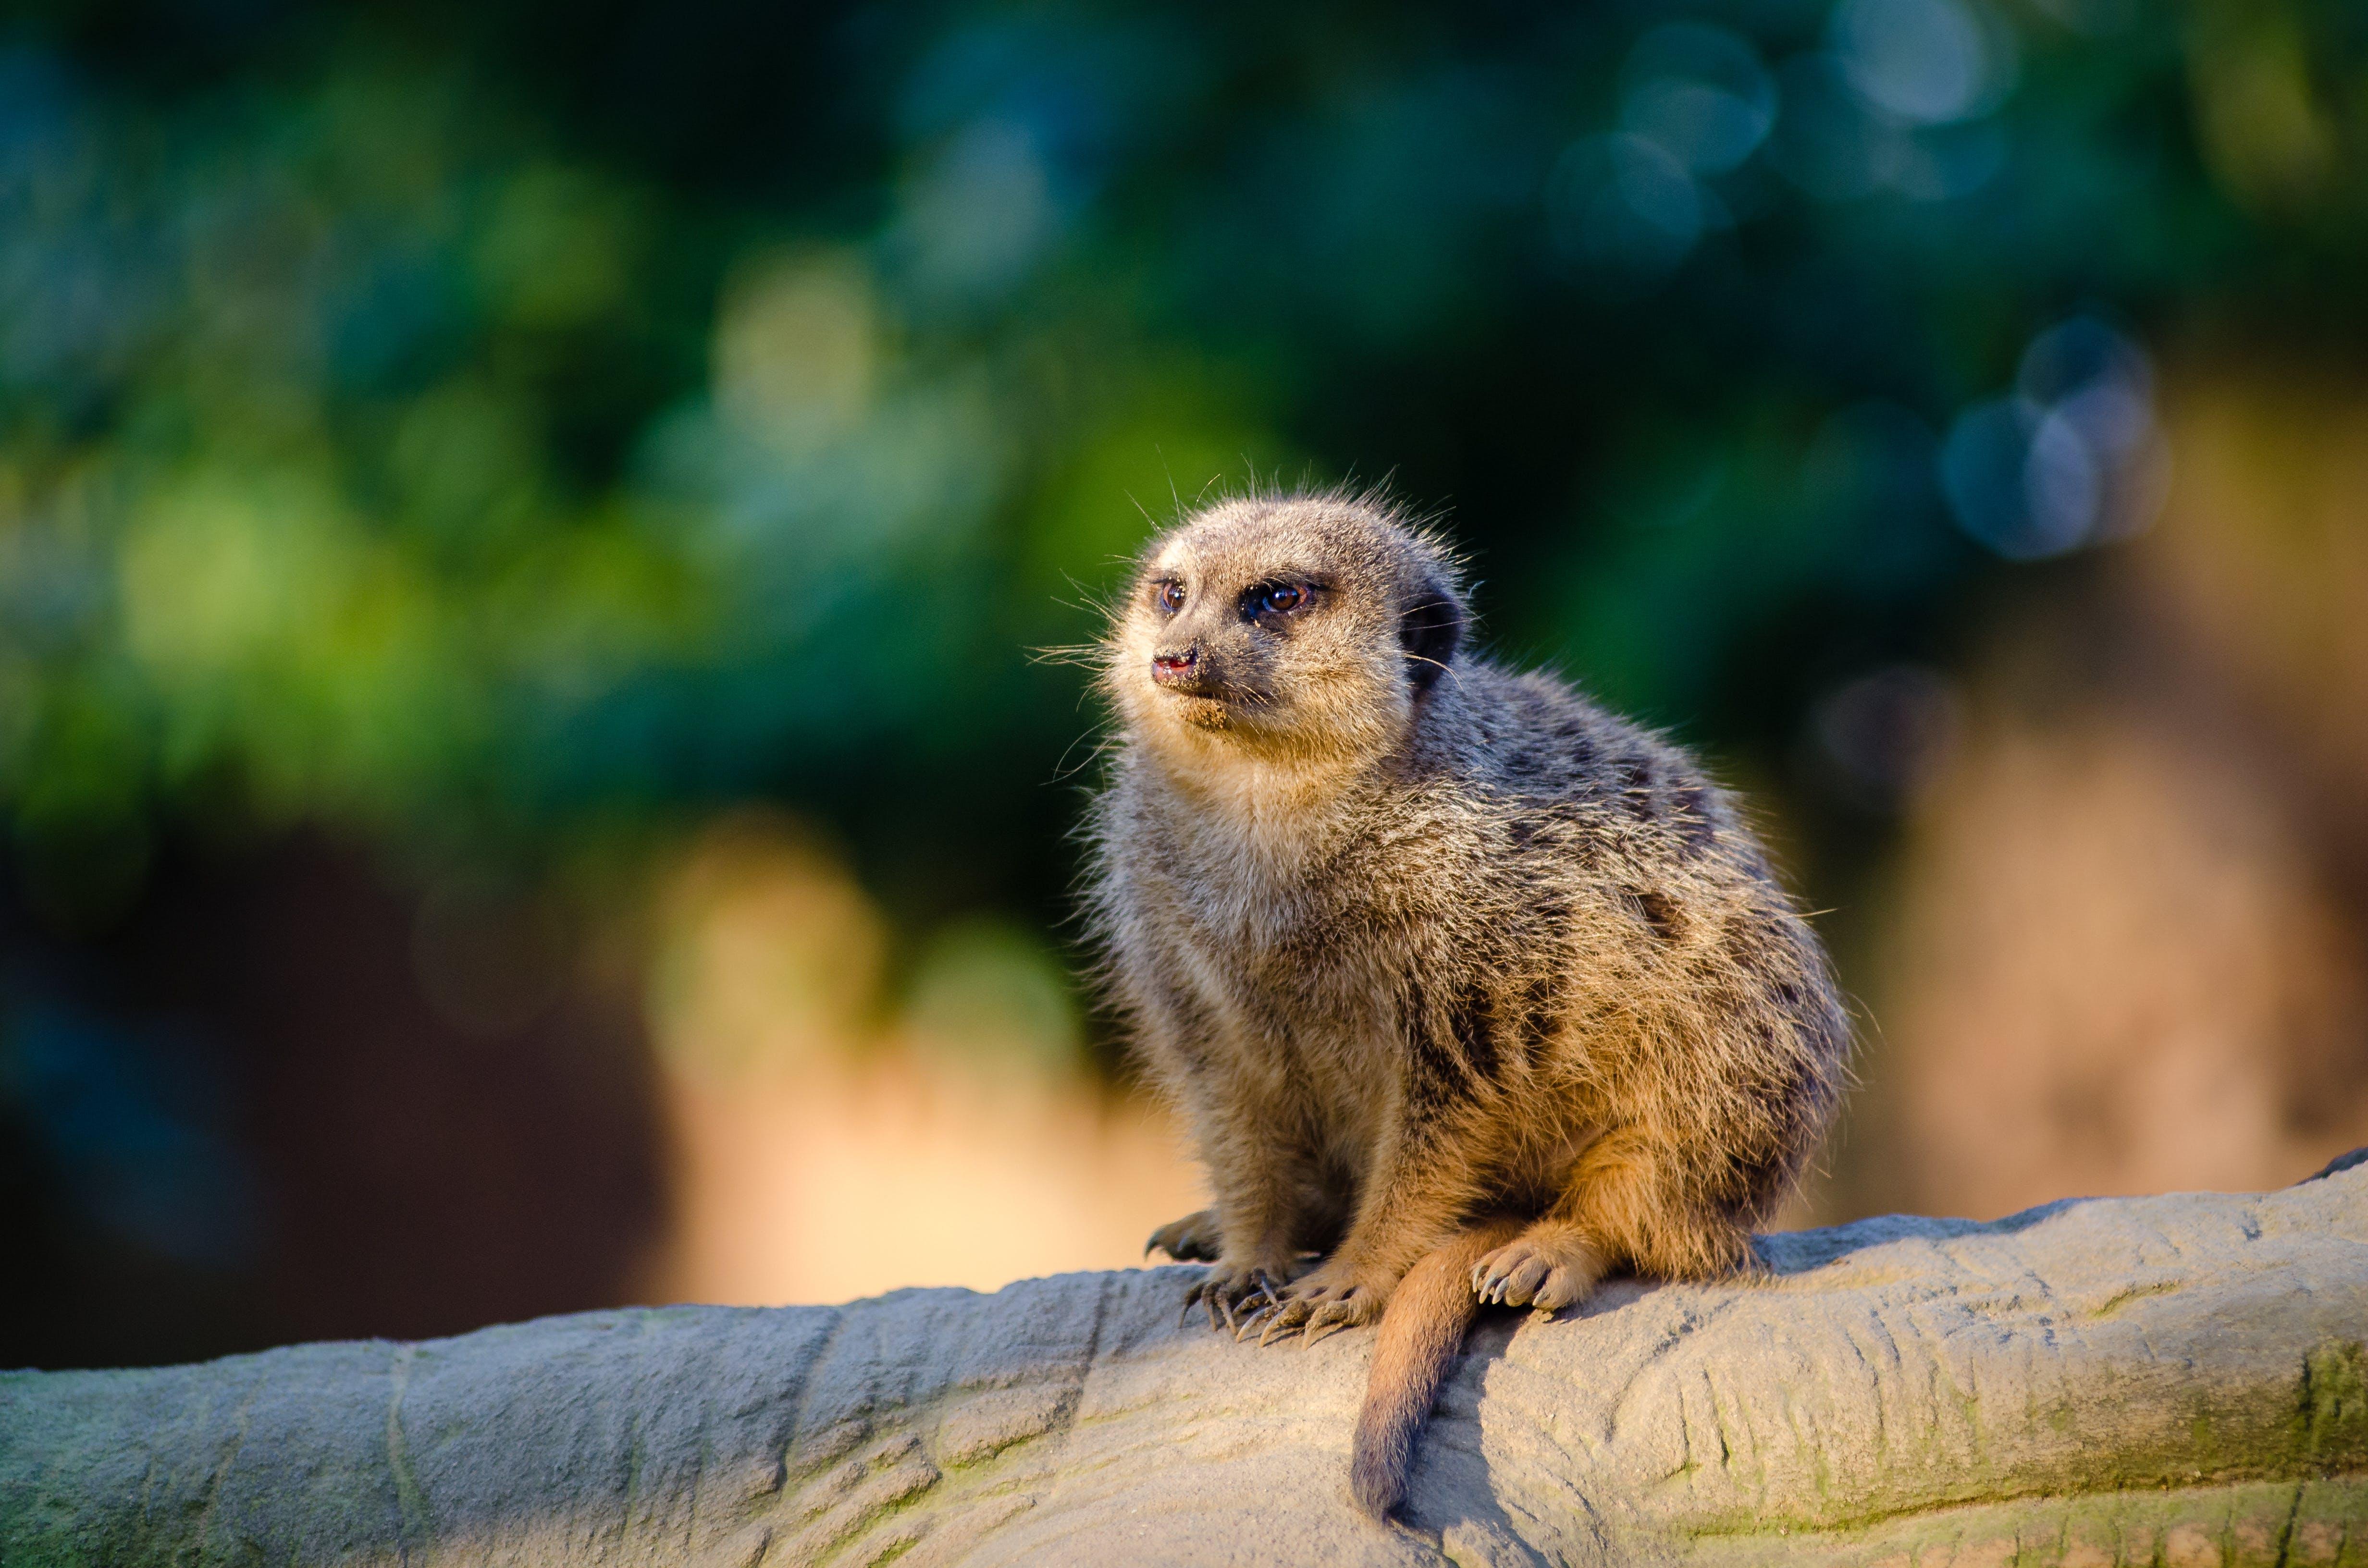 Gratis lagerfoto af close-up, dyr, dyreliv, gren